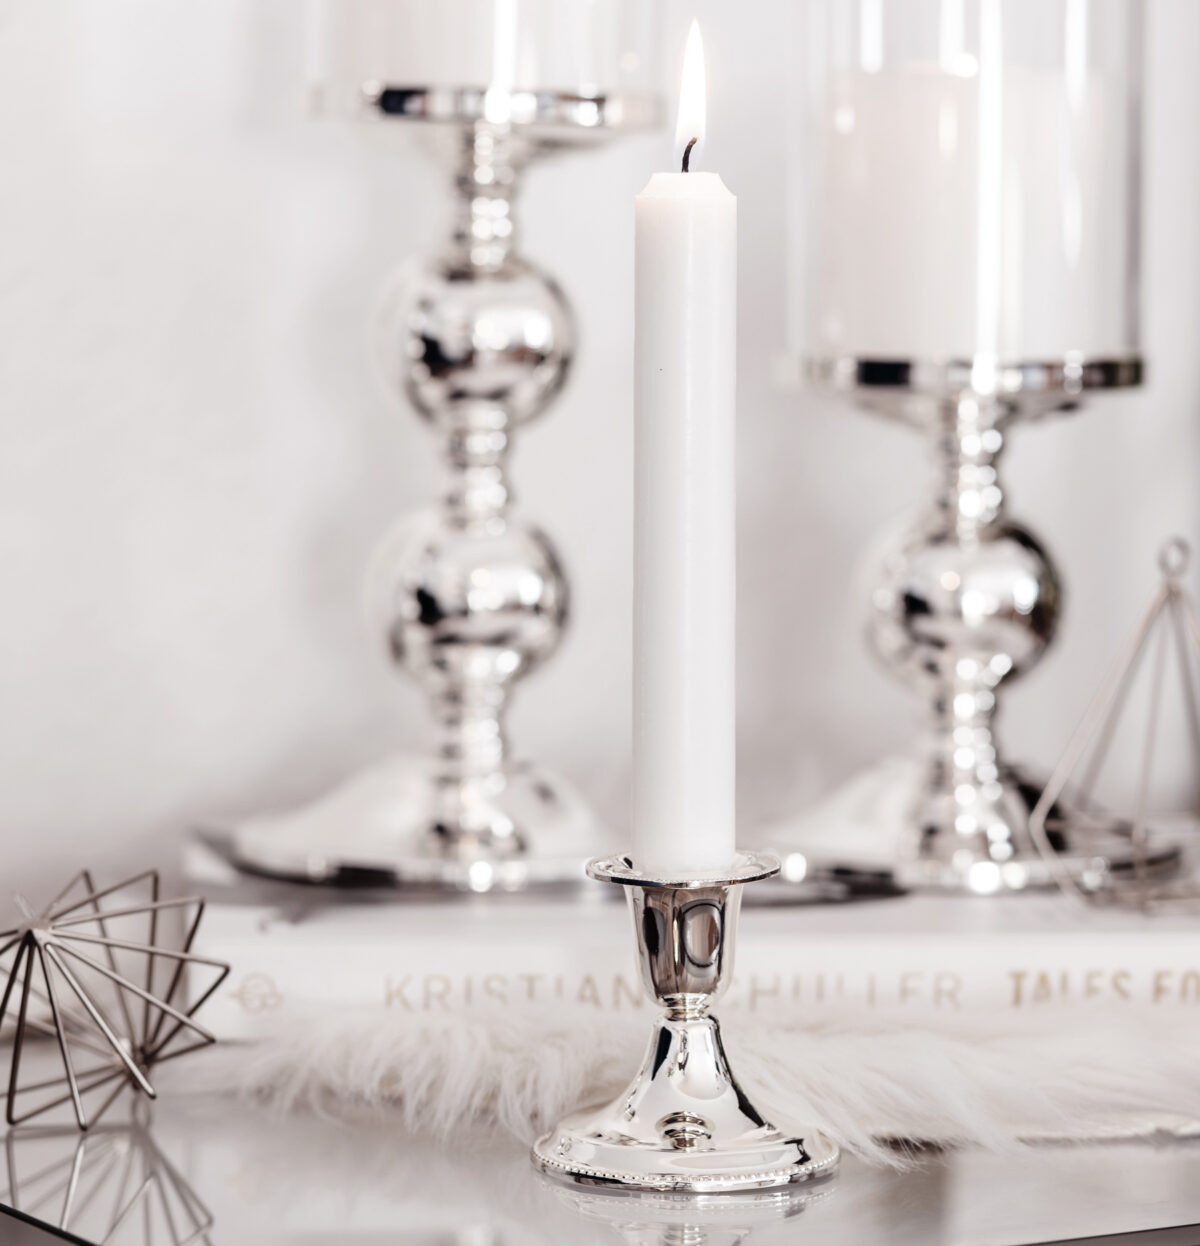 1190 Kerzenleuchter Perla für Stabkerze, Höhe 7 cm